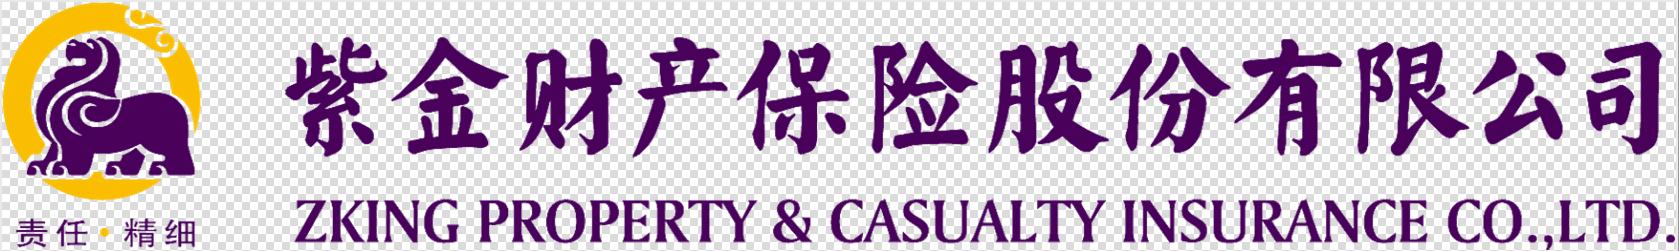 紫金财产betway必威体育官方下载股份有限公司betway必威官网备用分公司